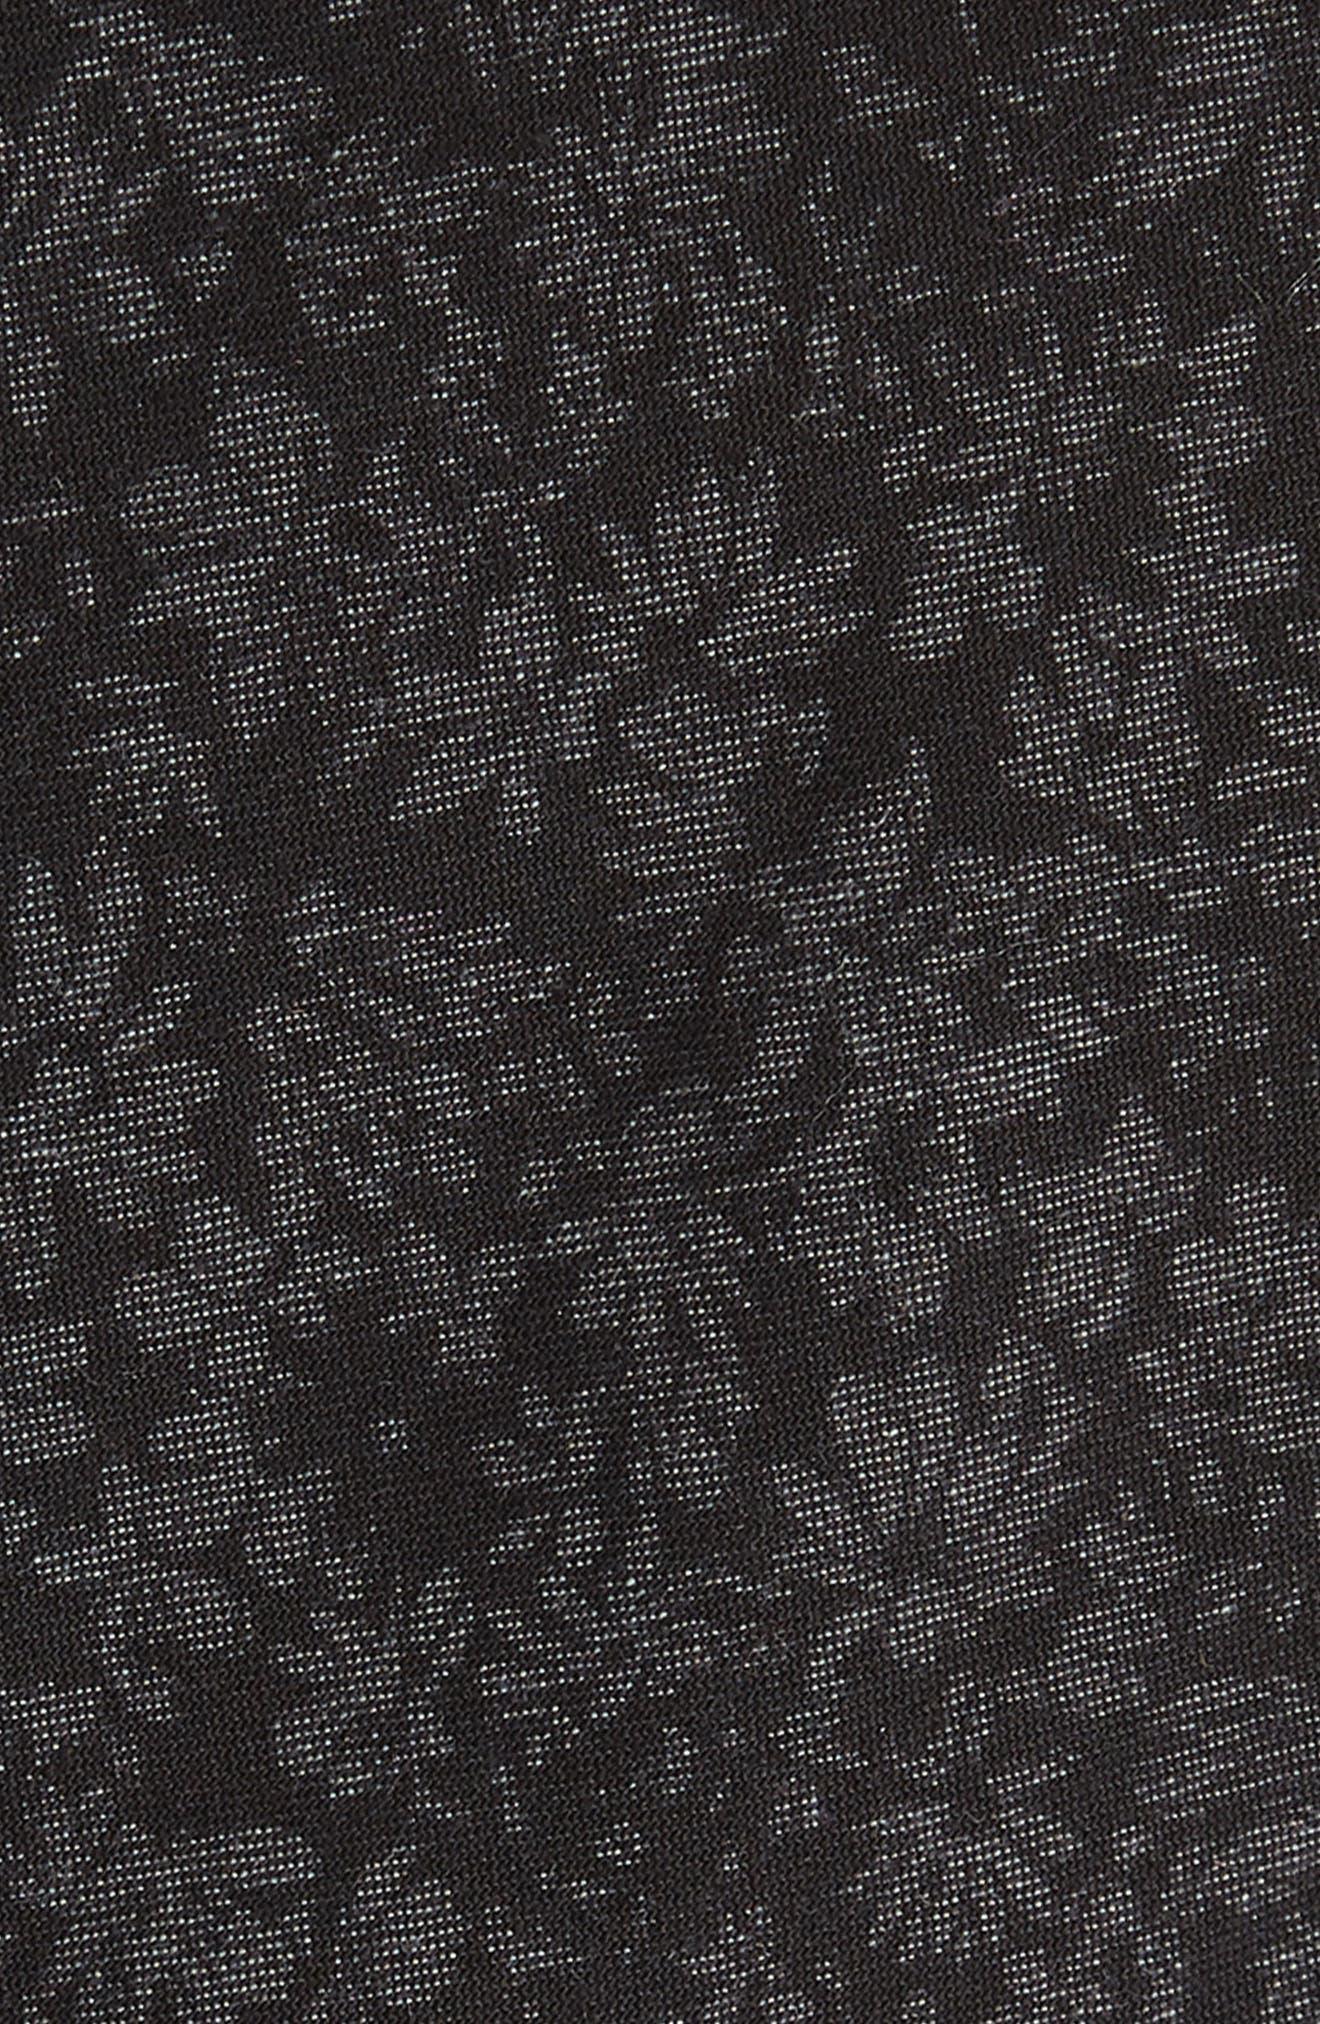 Floral Cotton Tie,                             Alternate thumbnail 2, color,                             Black